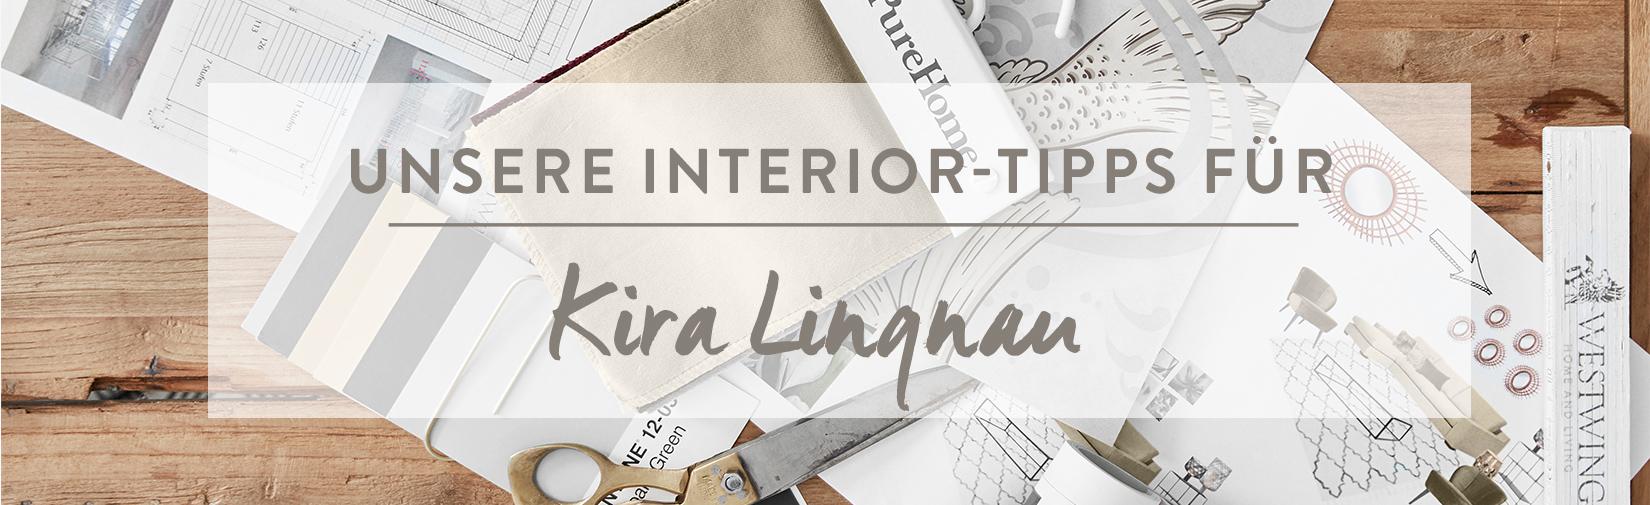 LP_Kira_Lingnau_Desktop